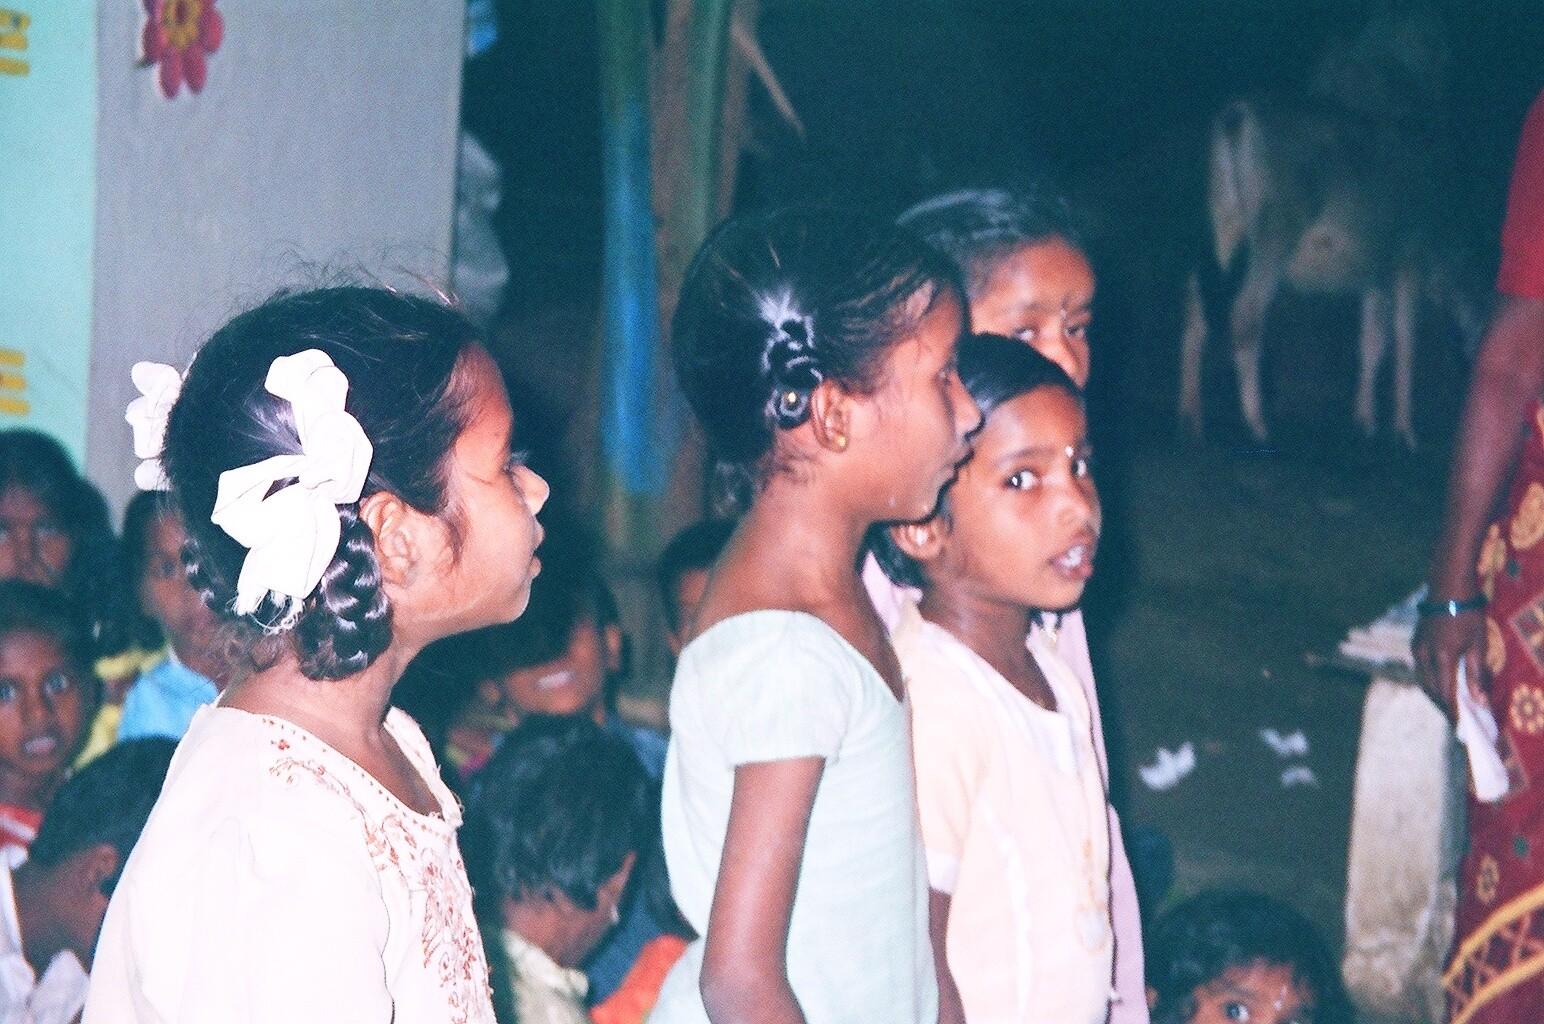 Chanson de bienvenue à la coordinatrice à Kanalapadi